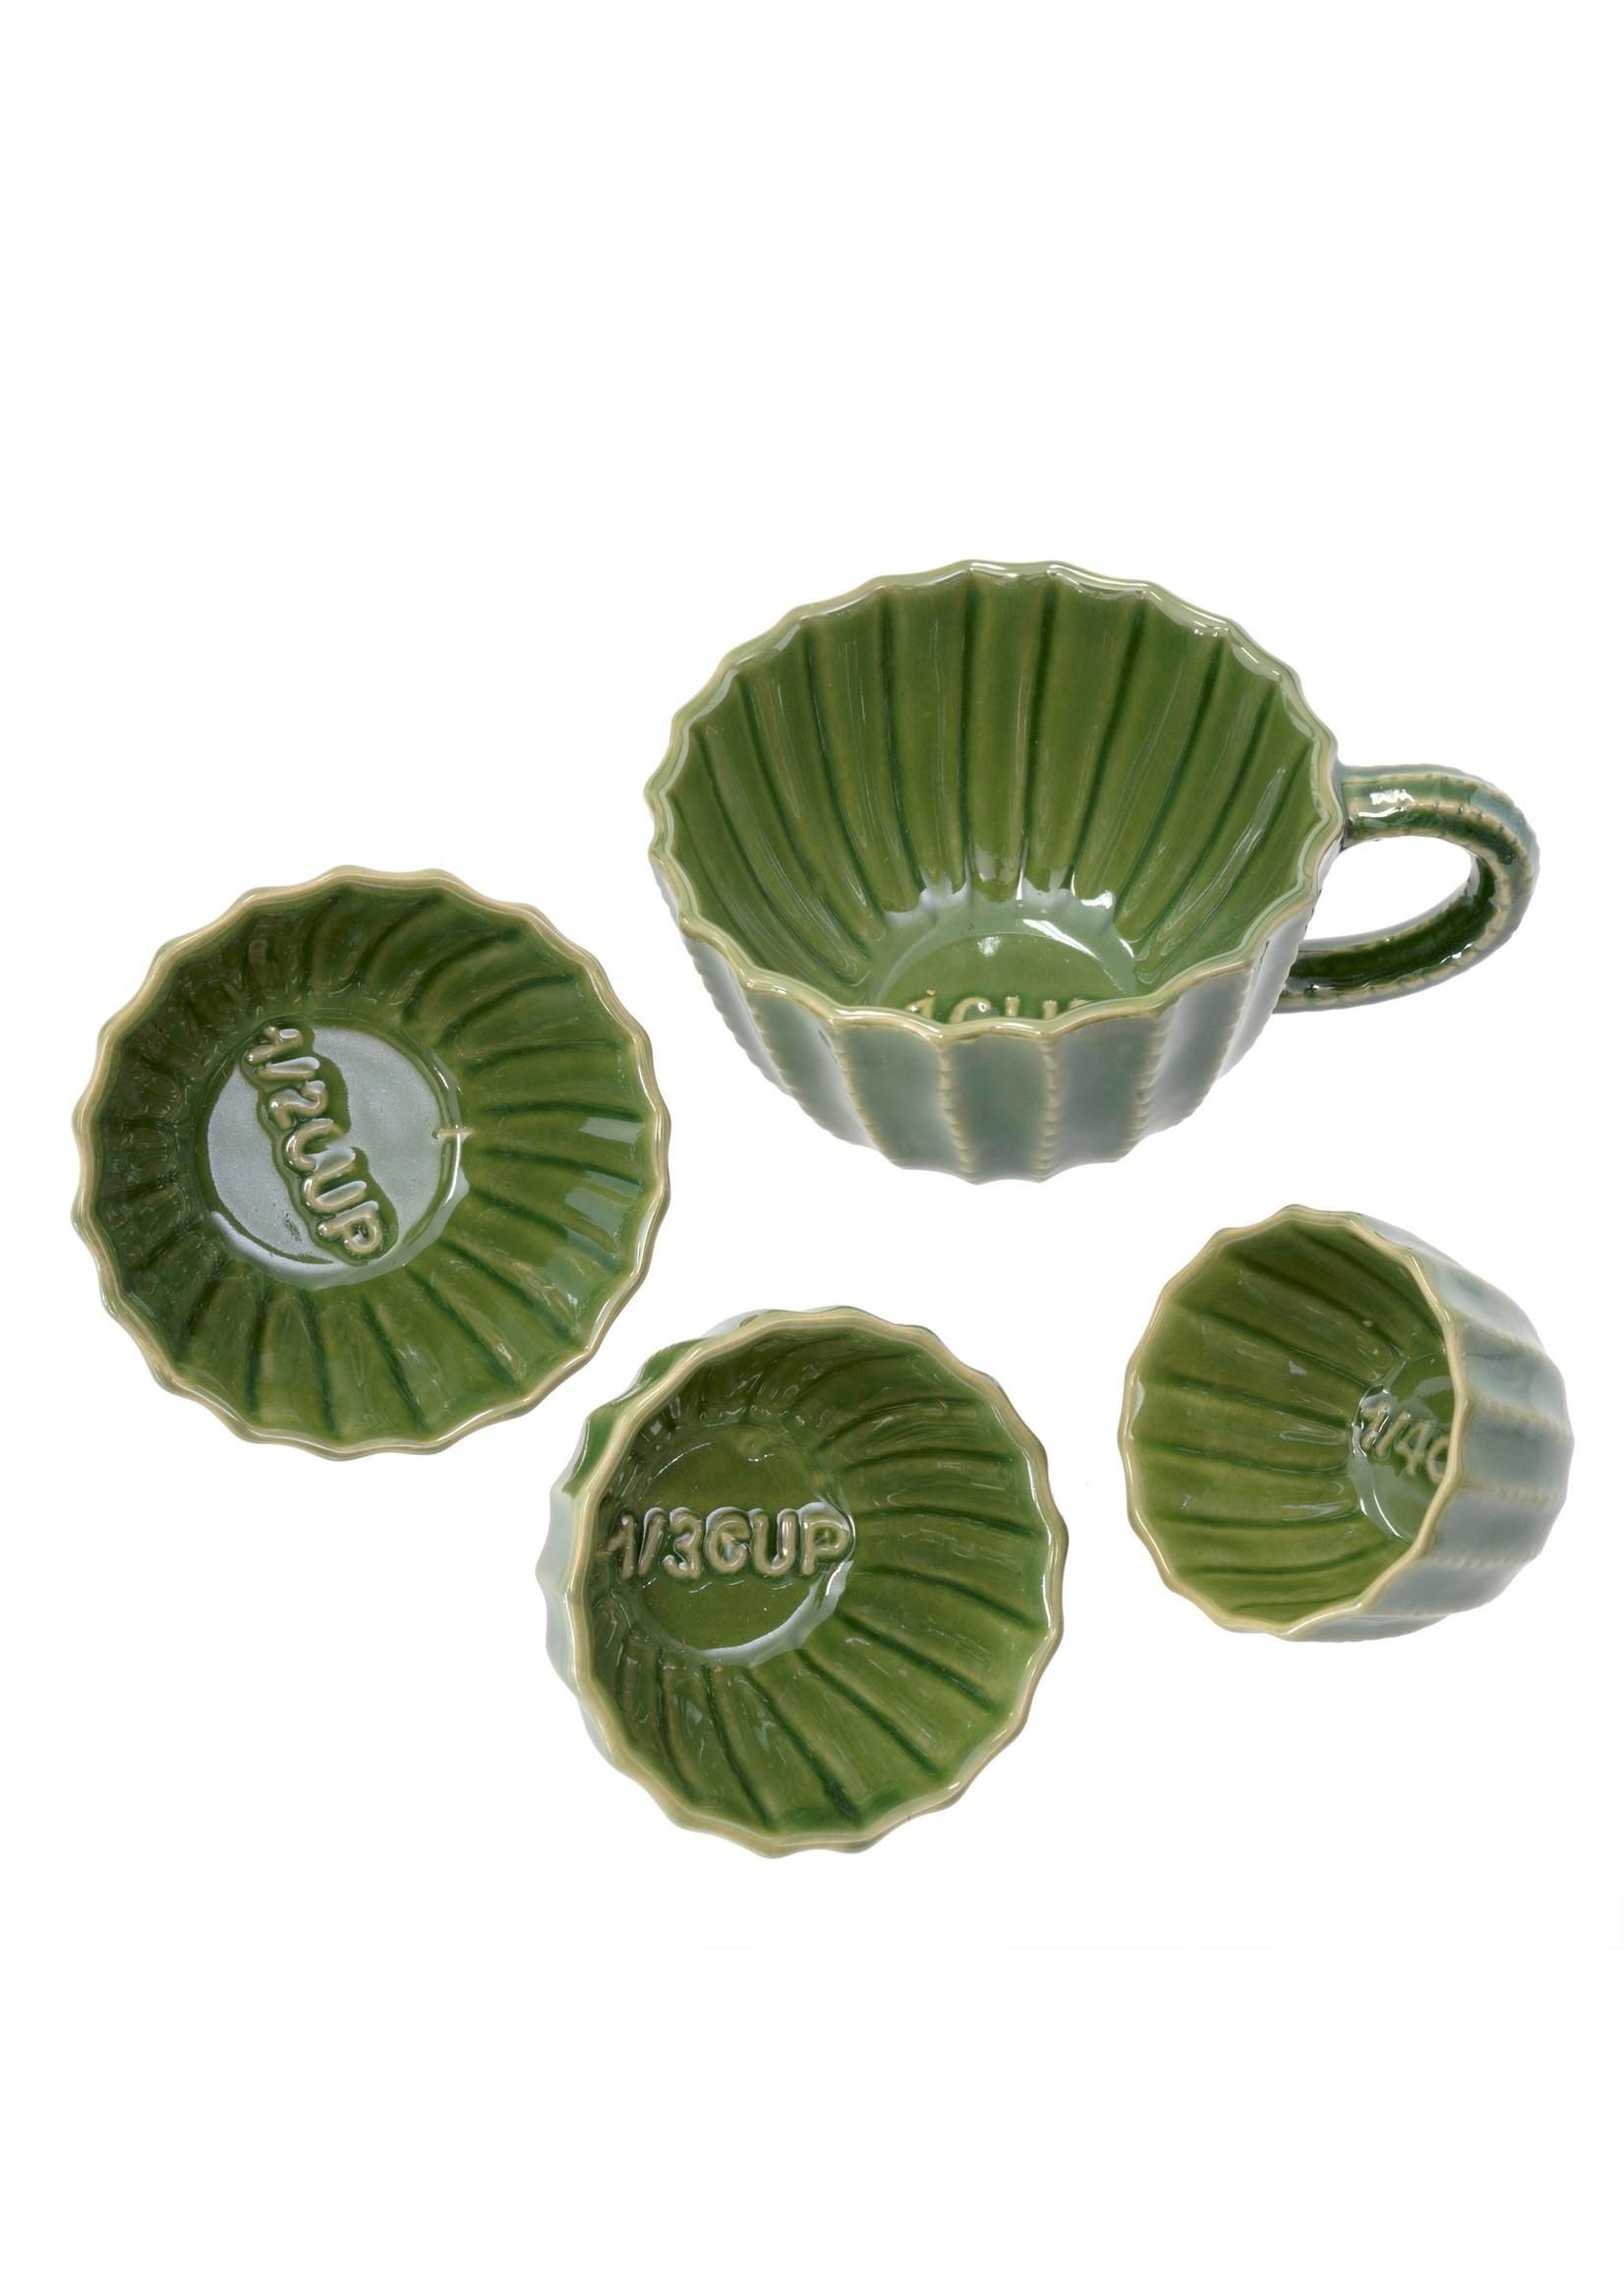 Succulent Measuring Cups